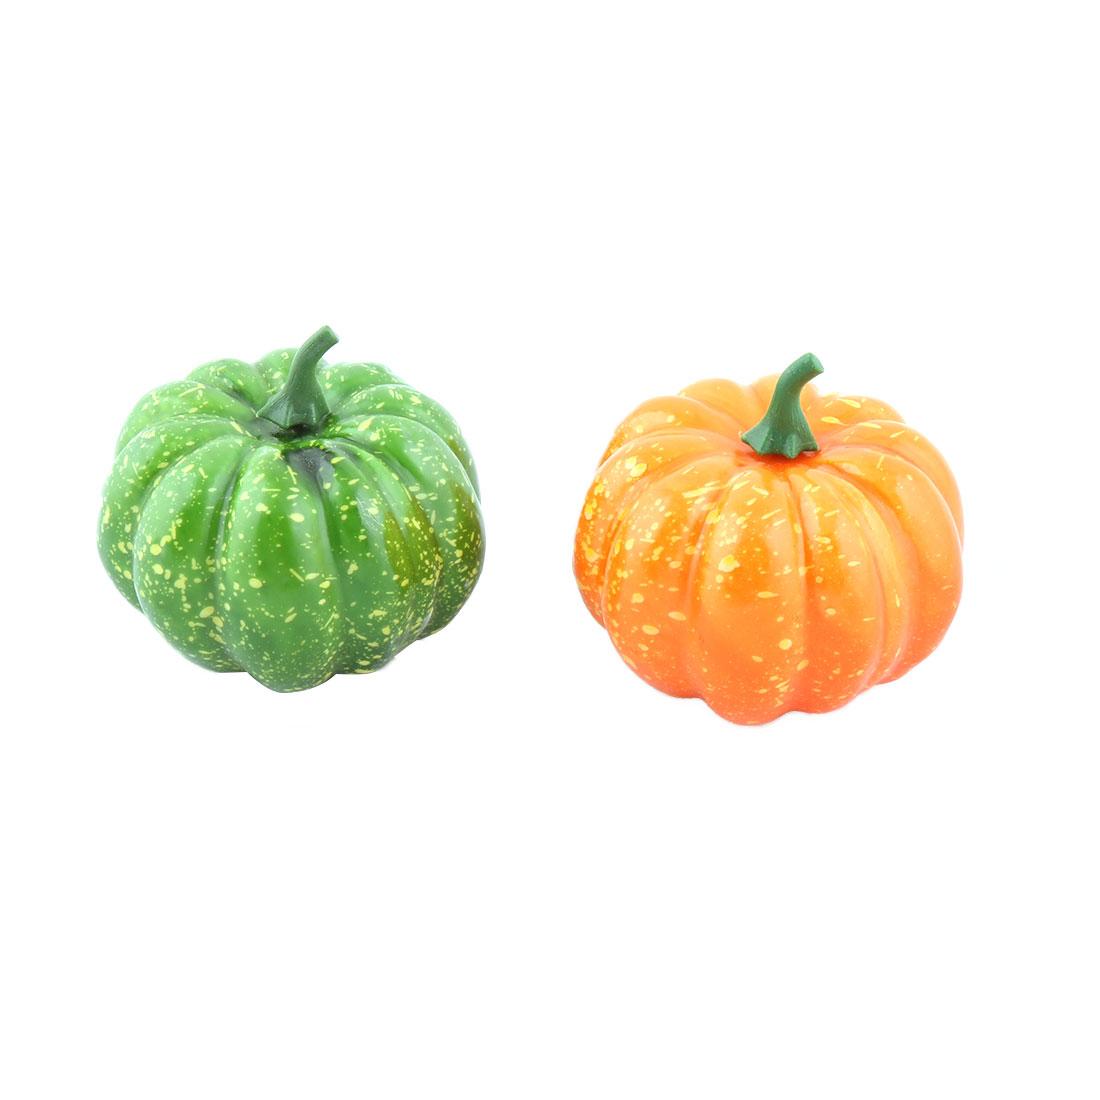 Family Plastic Desk Table Decoration Simulation Artificial Vegetable Pumpkin 2 Pcs